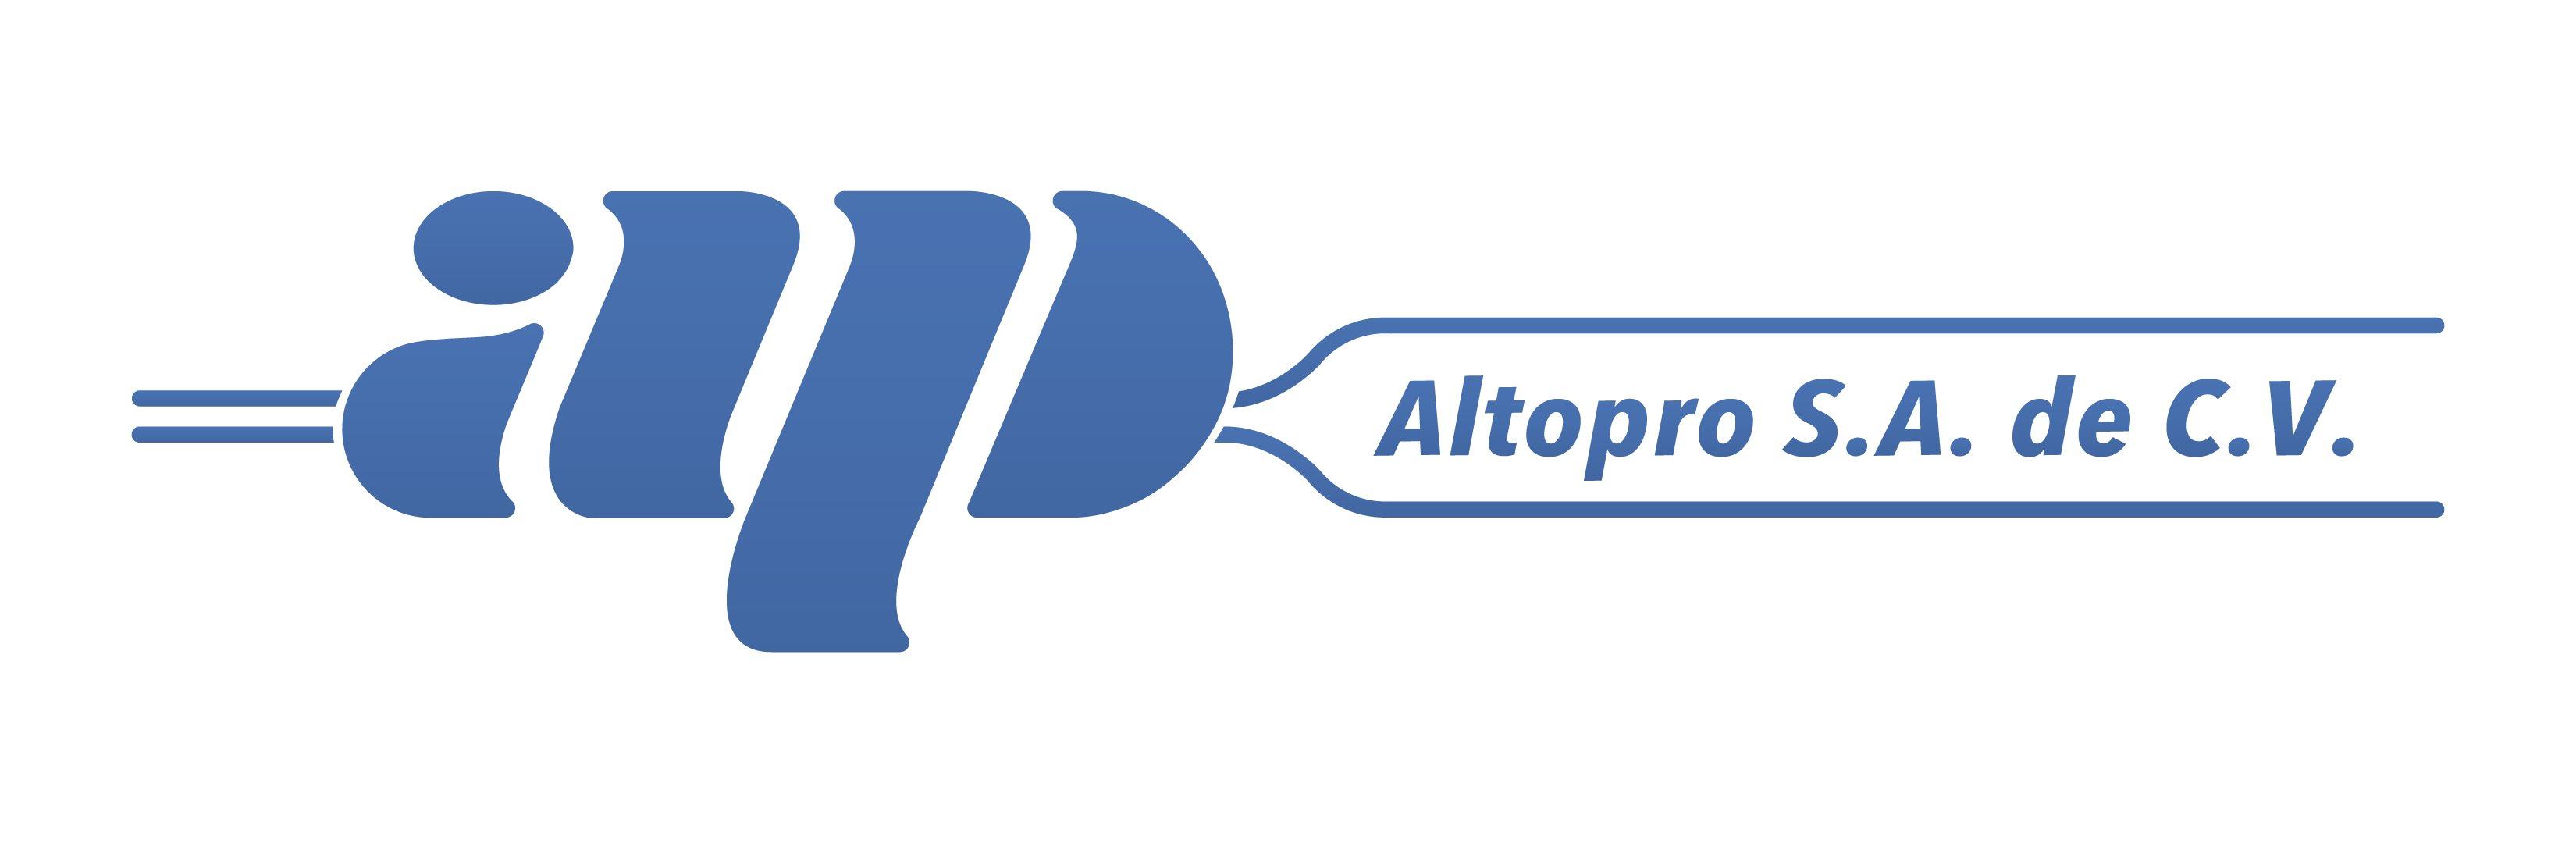 Altopro, S.A.de C.V.